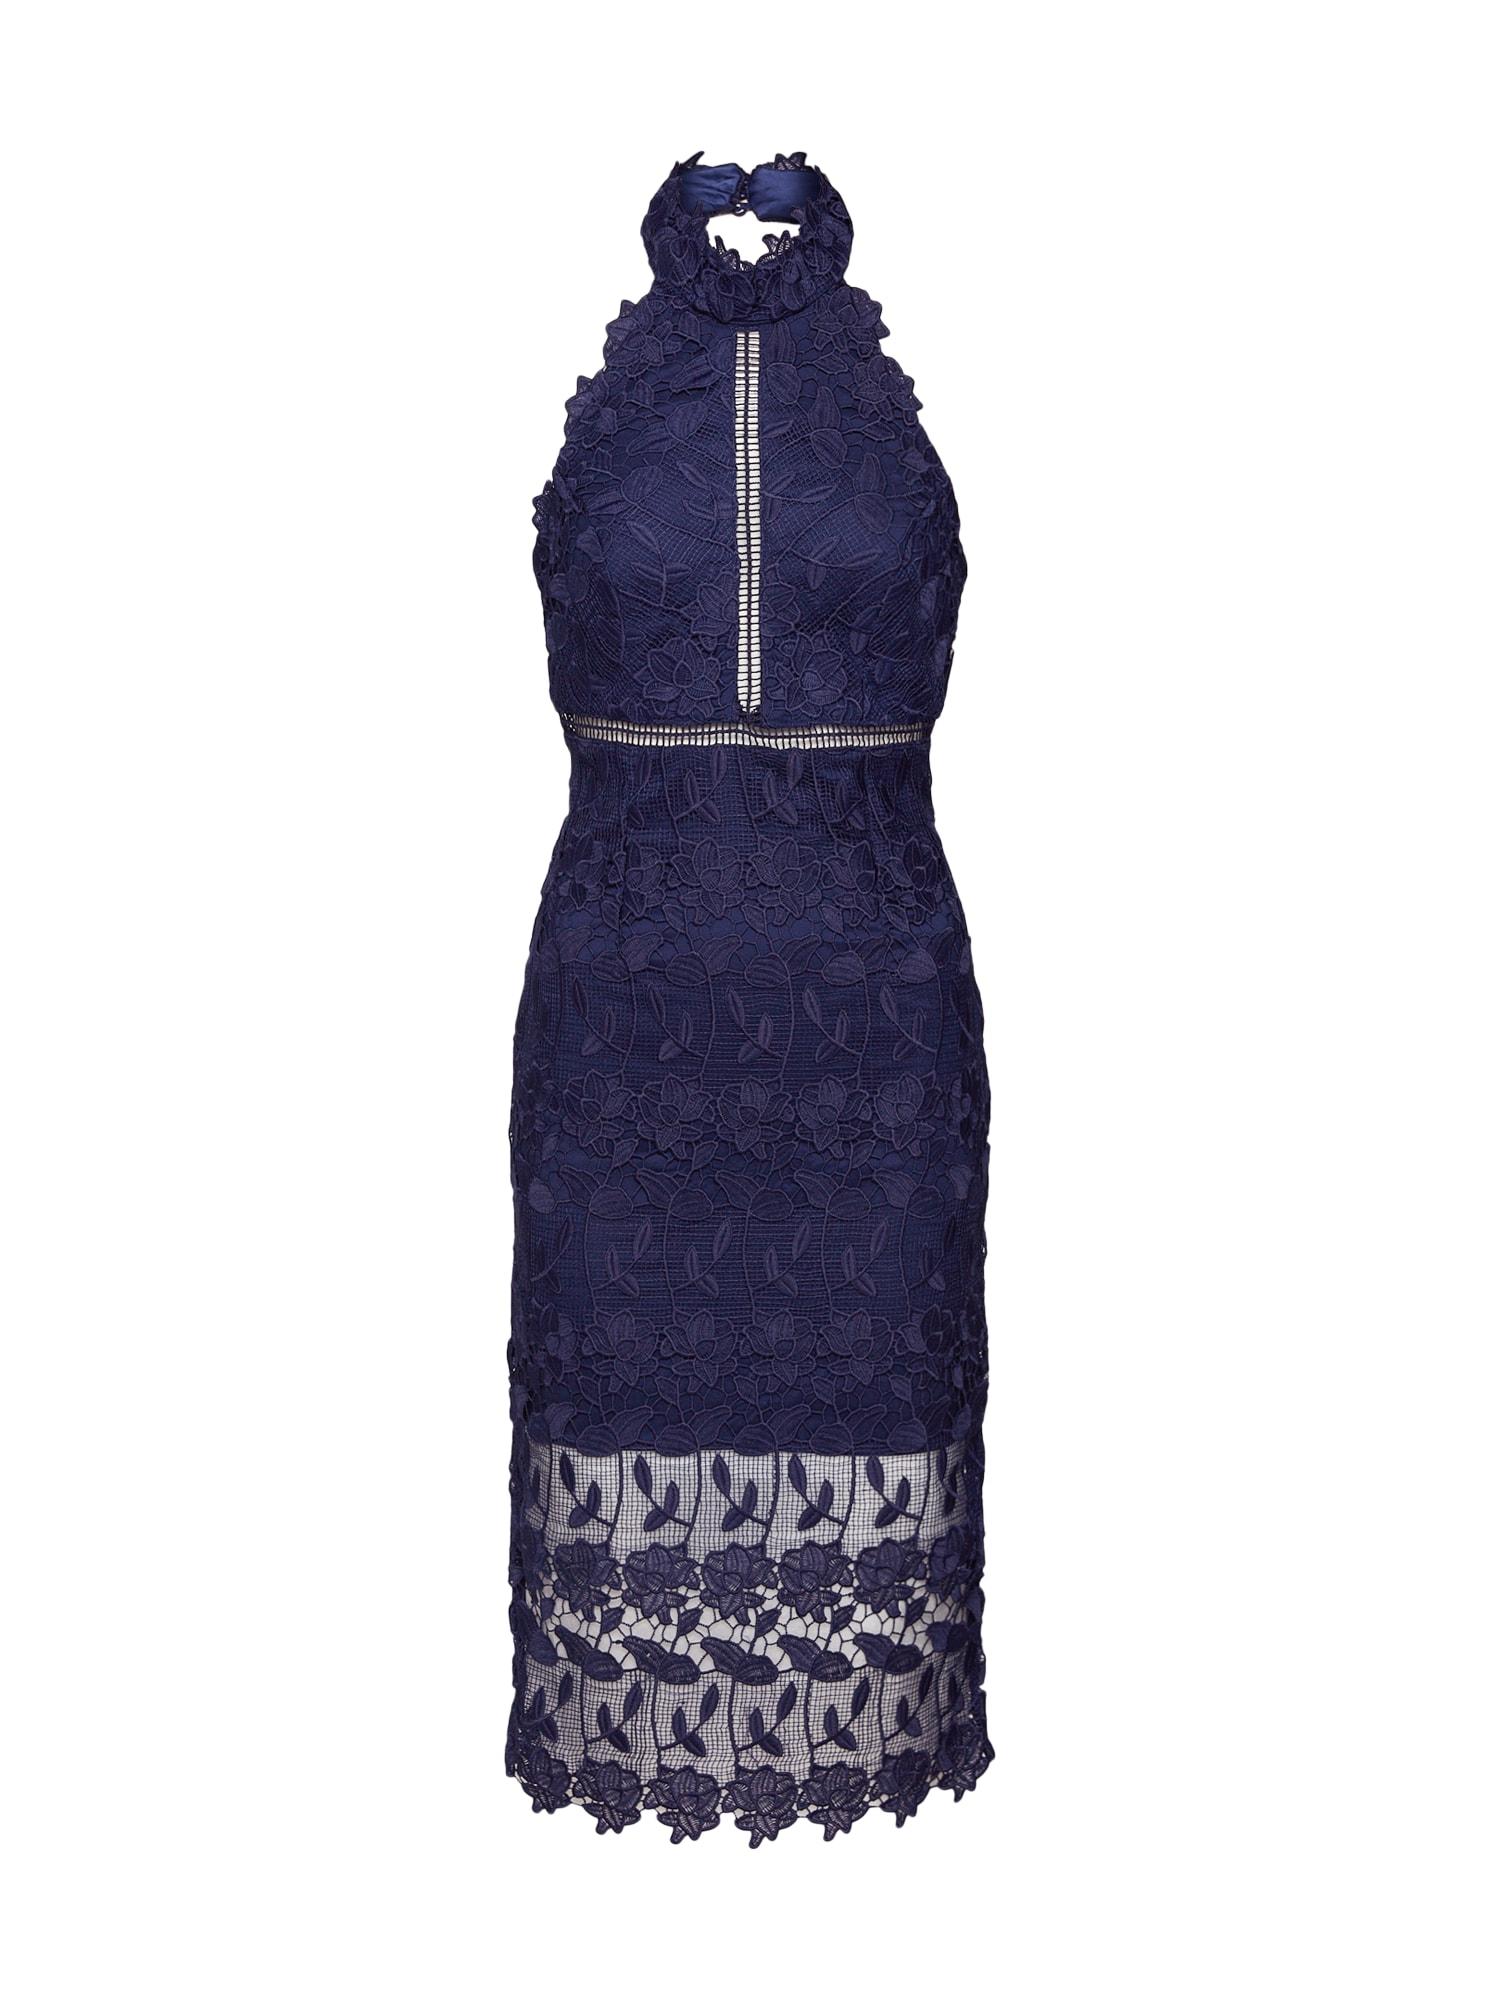 Koktejlové šaty NONI HALTER DRESS námořnická modř Bardot